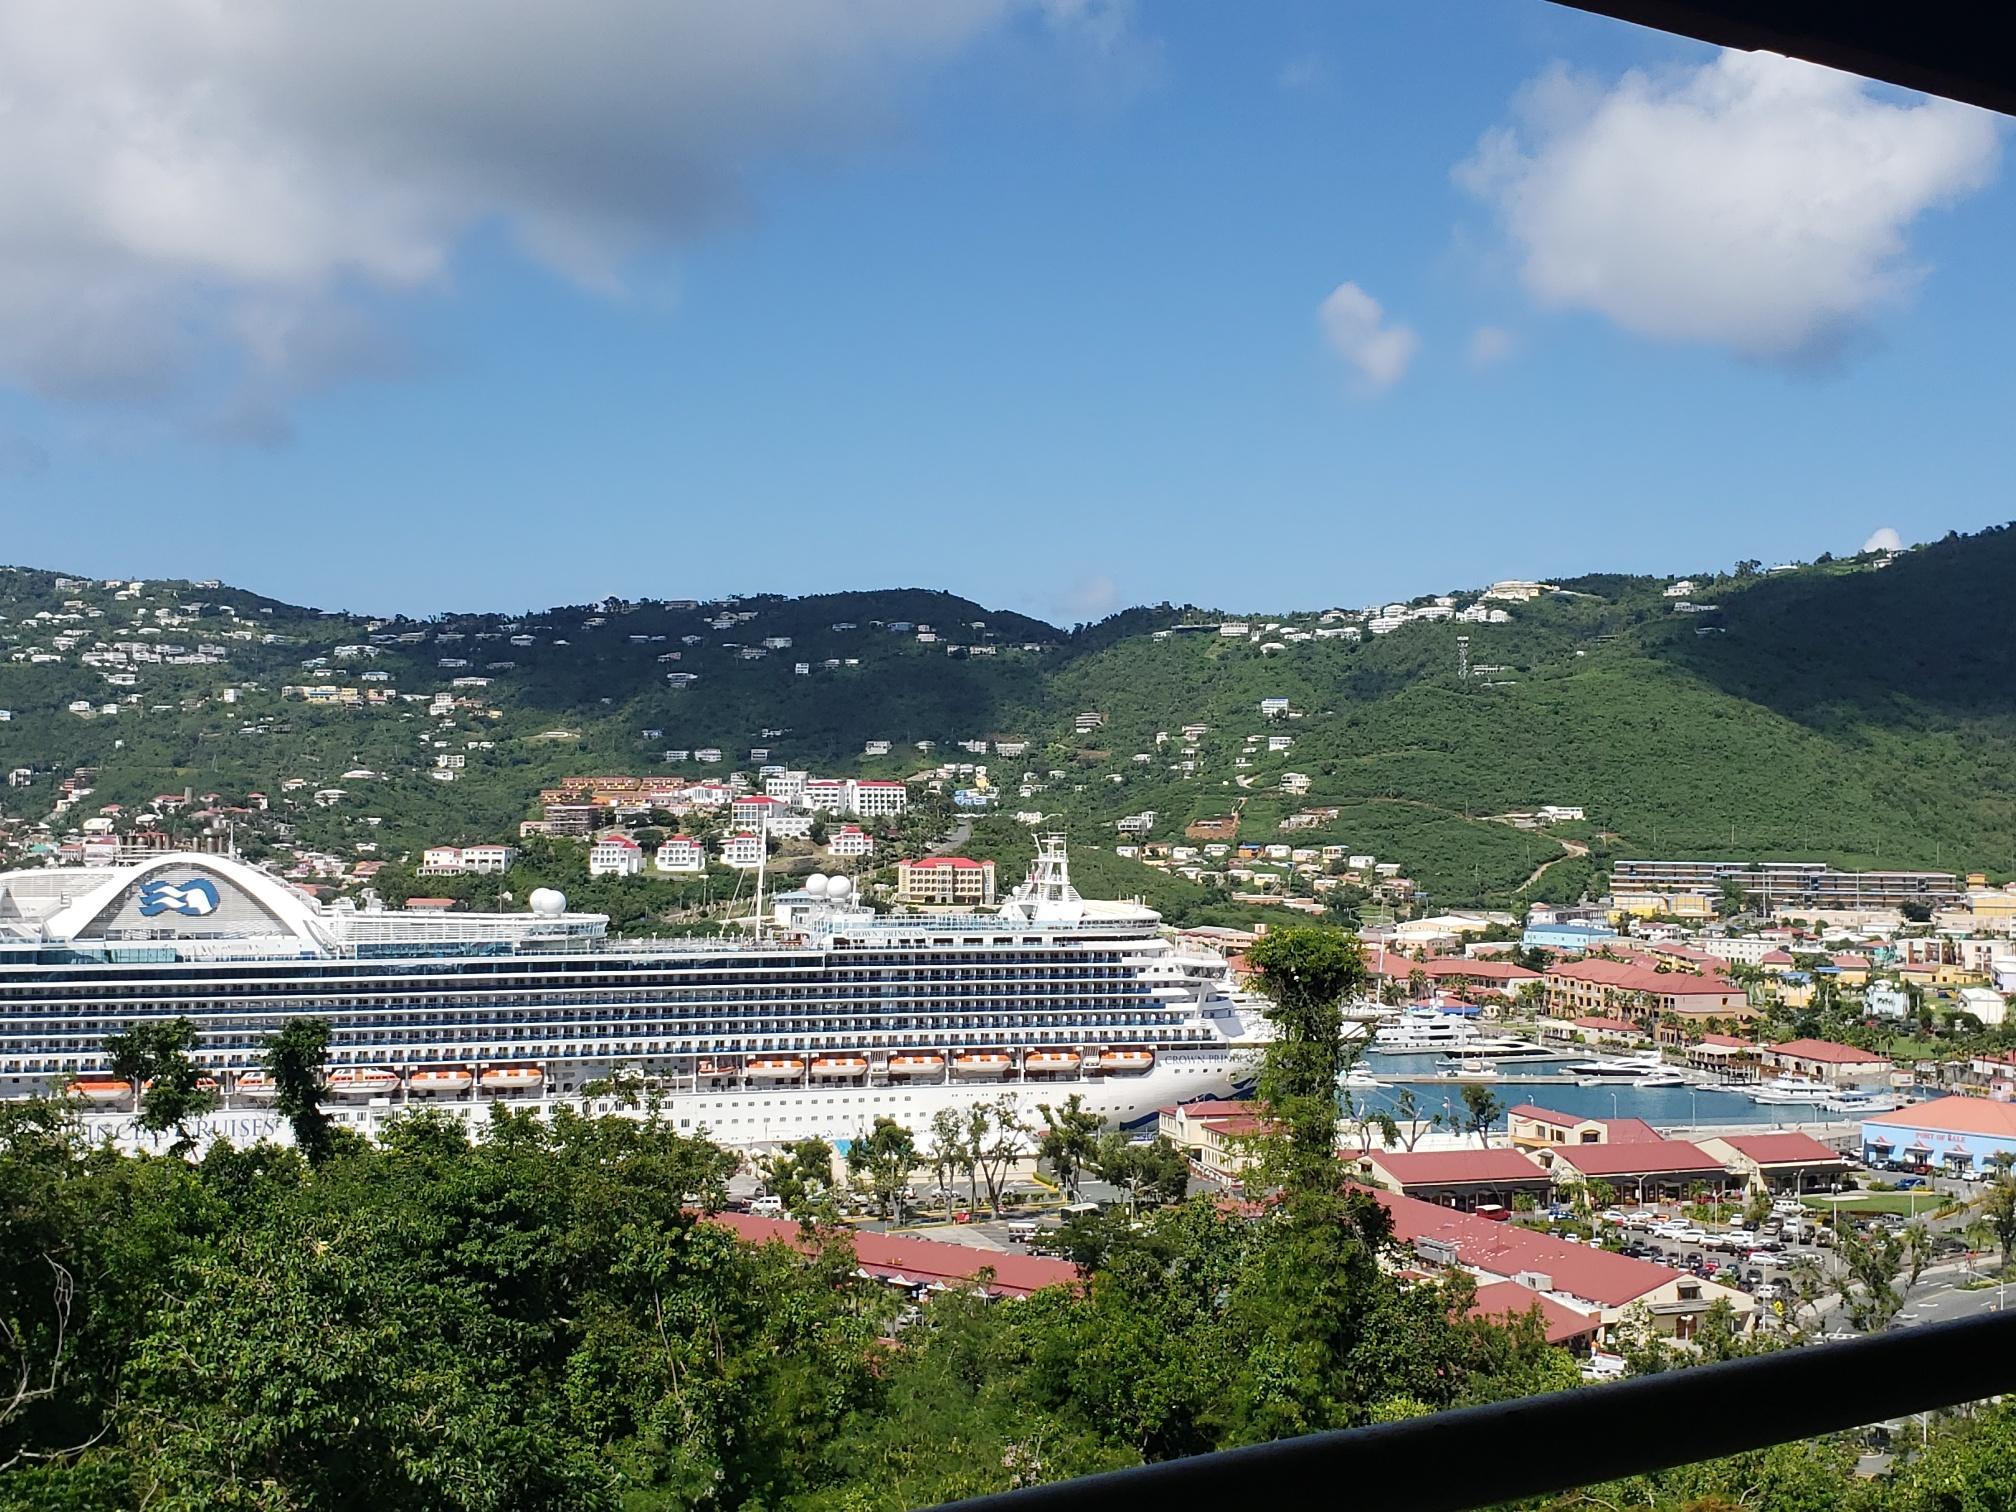 Casa Multifamiliar por un Alquiler en 5A Havensite FB 5A Havensite FB St Thomas, Virgin Islands 00802 Islas Virgenes Ee.Uu.